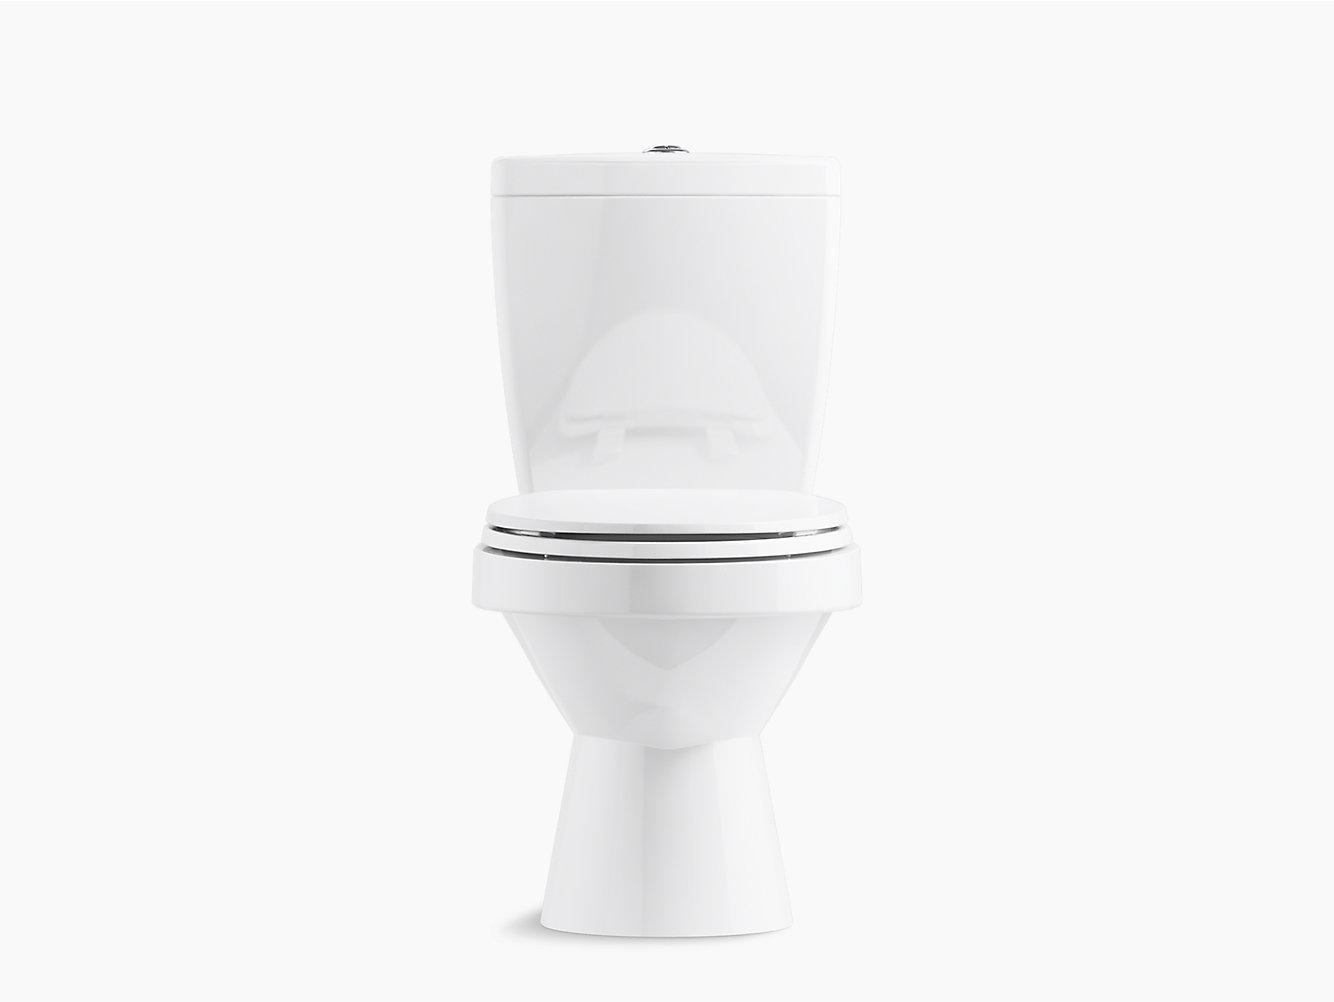 Previous Karsten Round Front Toilet